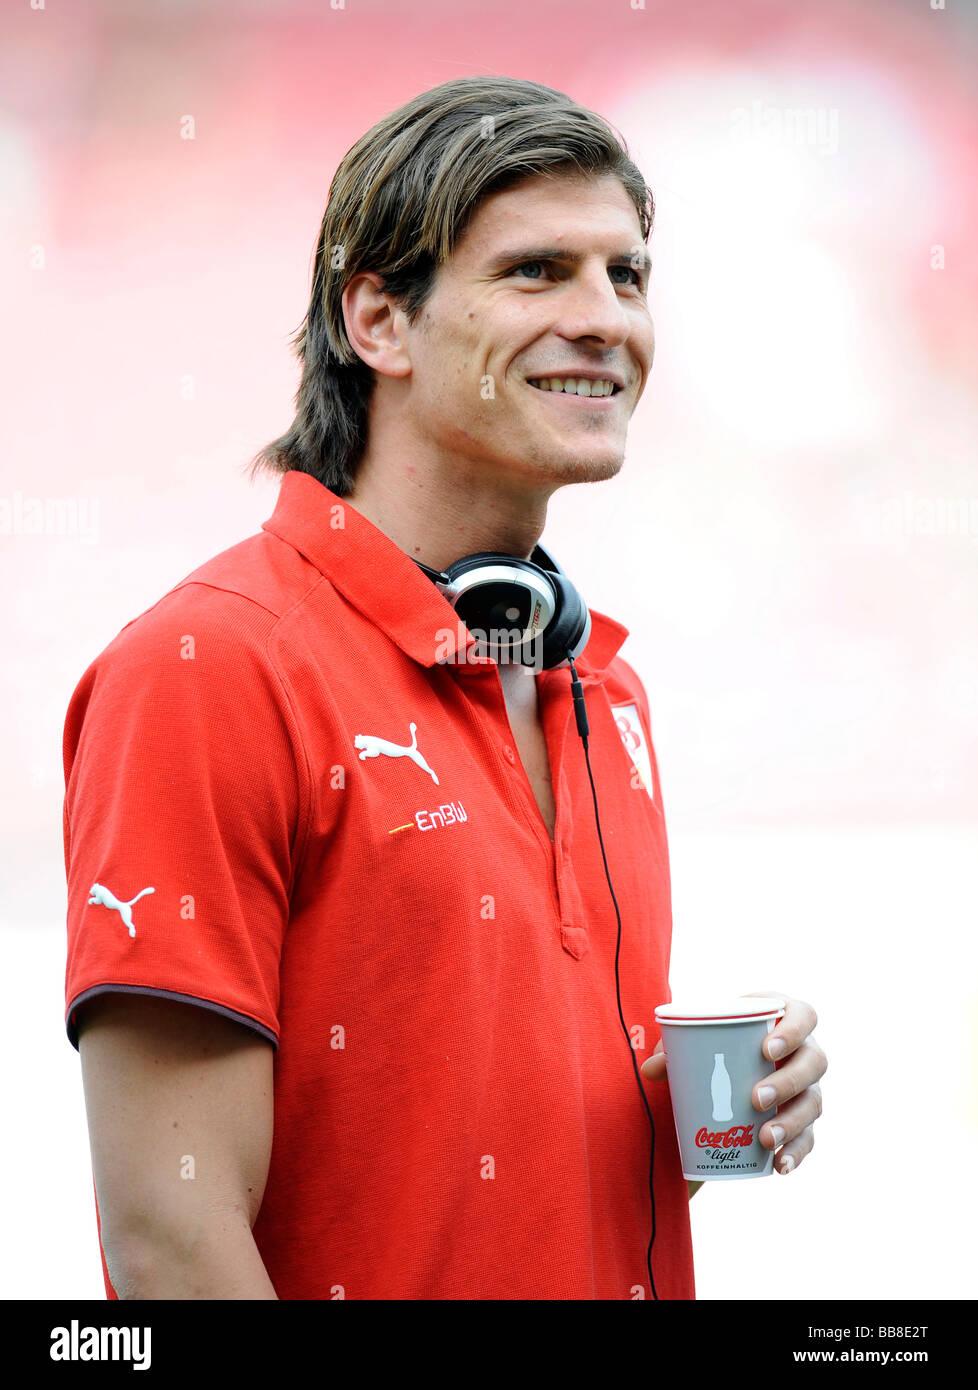 deutscher fußballspieler